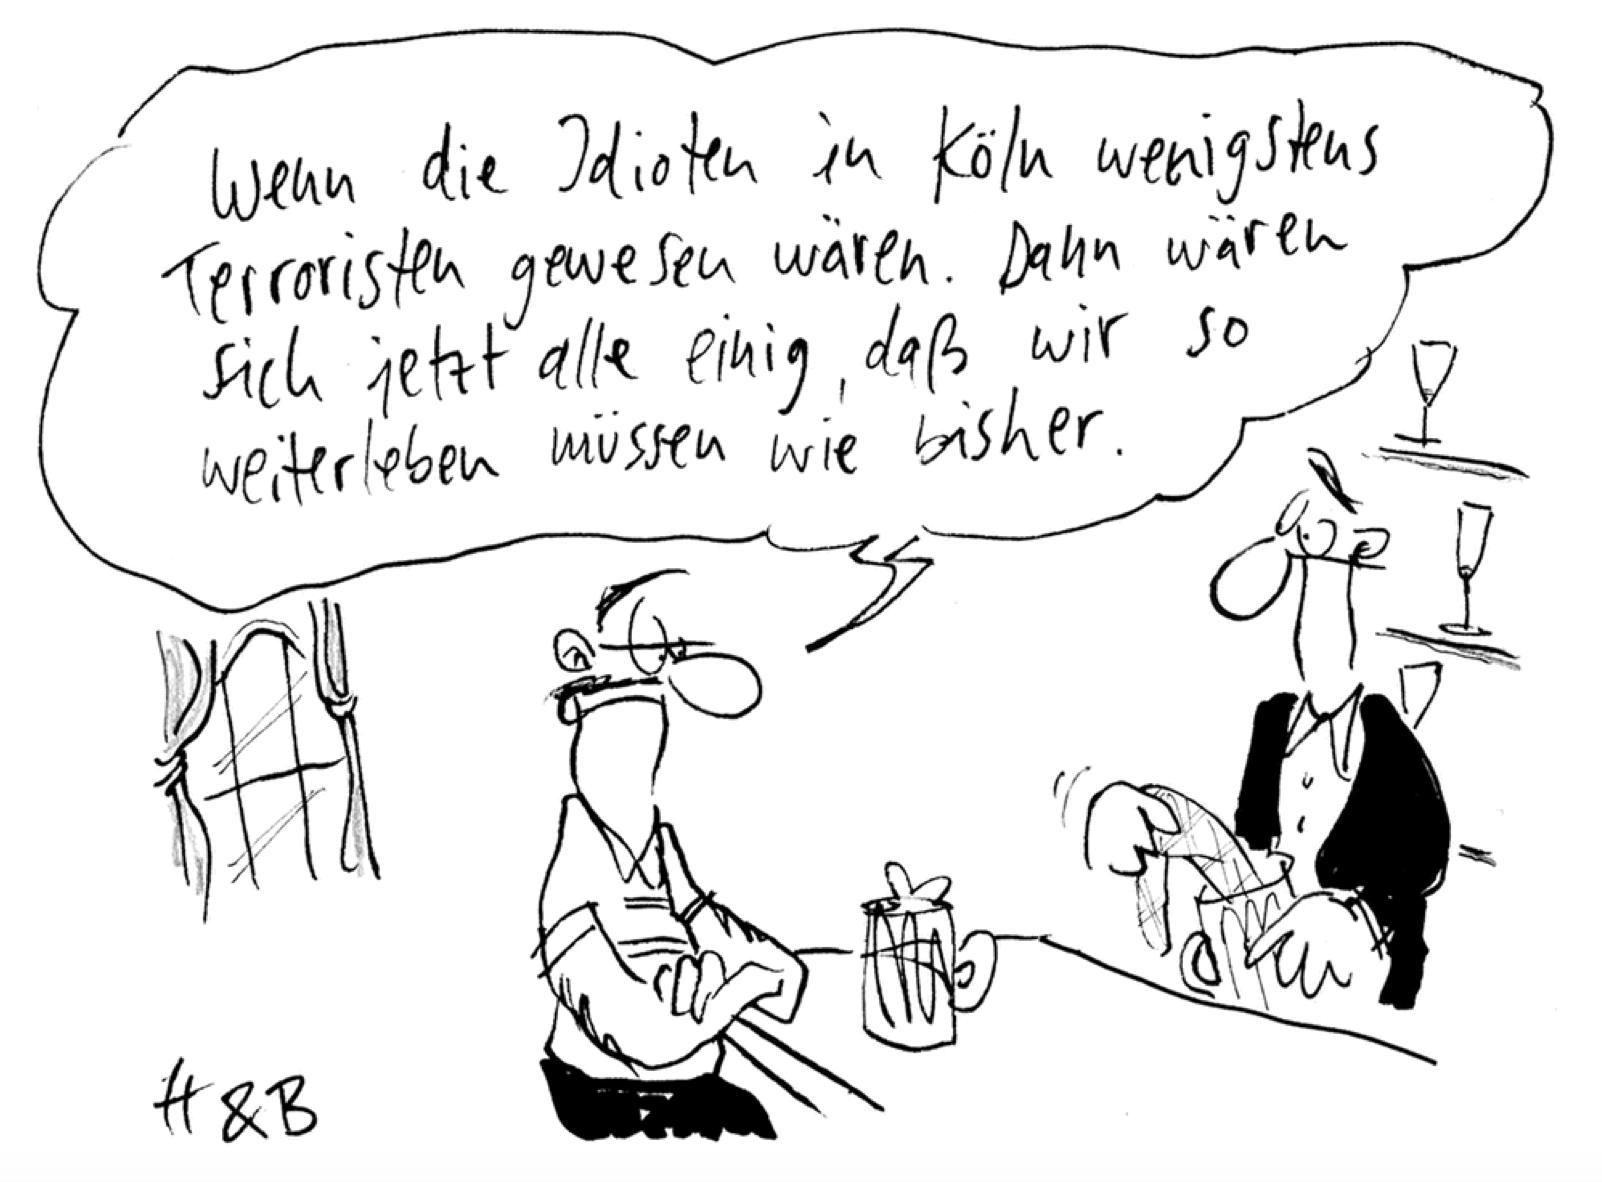 Bei Straftaten immer die Herkunft der Täter zu nennen, stigmatisiert Flüchtlinge. http://uebermedien.de/895/die-ueblichen-verdaechtigen/ ... #Koelnpic.twitter.com/4oQmnosMS9